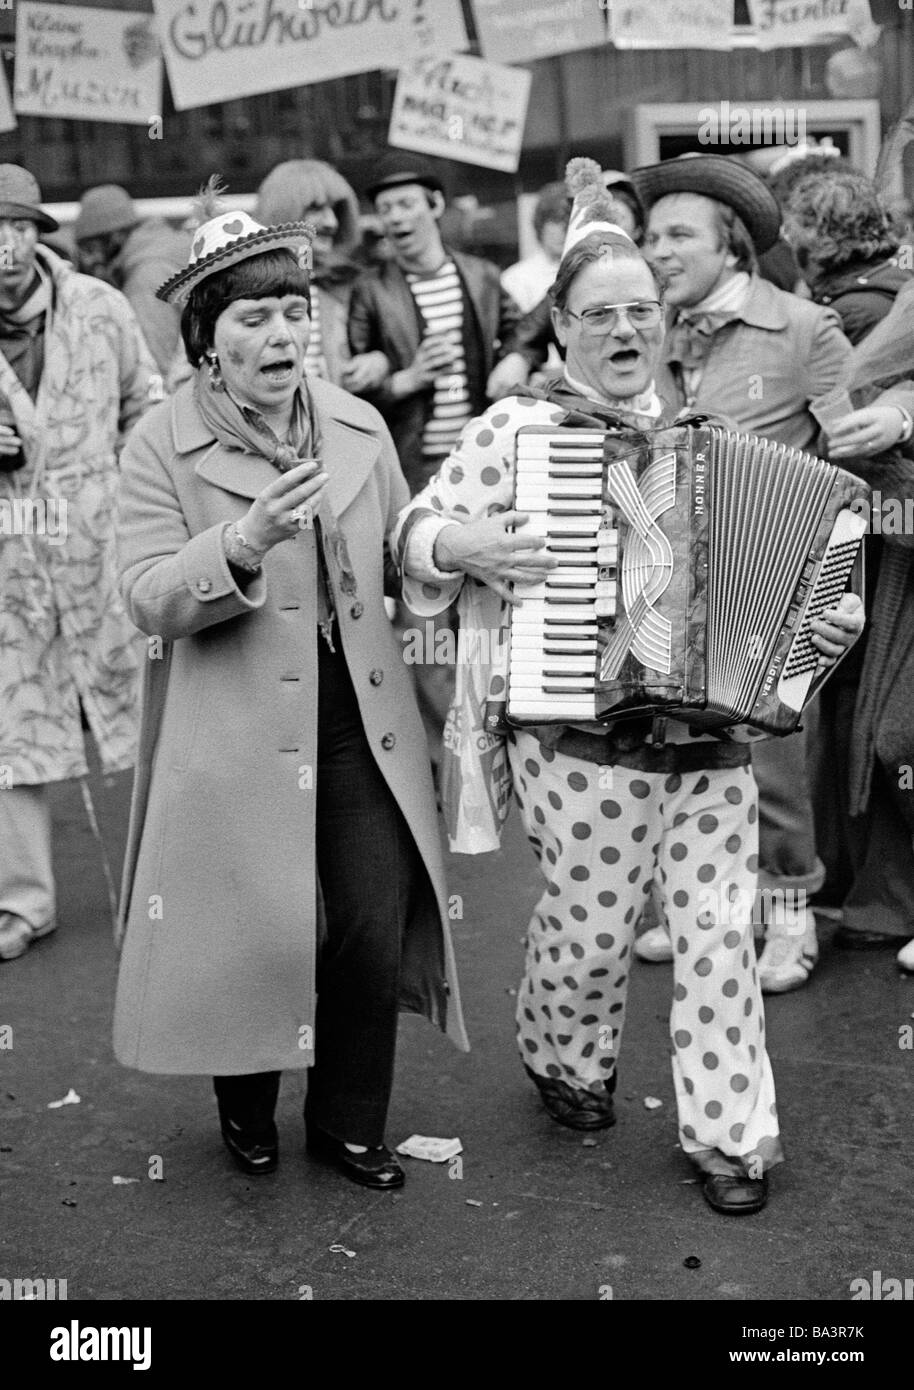 Achtziger Jahre Schwarz Weiss Foto Menschen Rheinischen Karneval